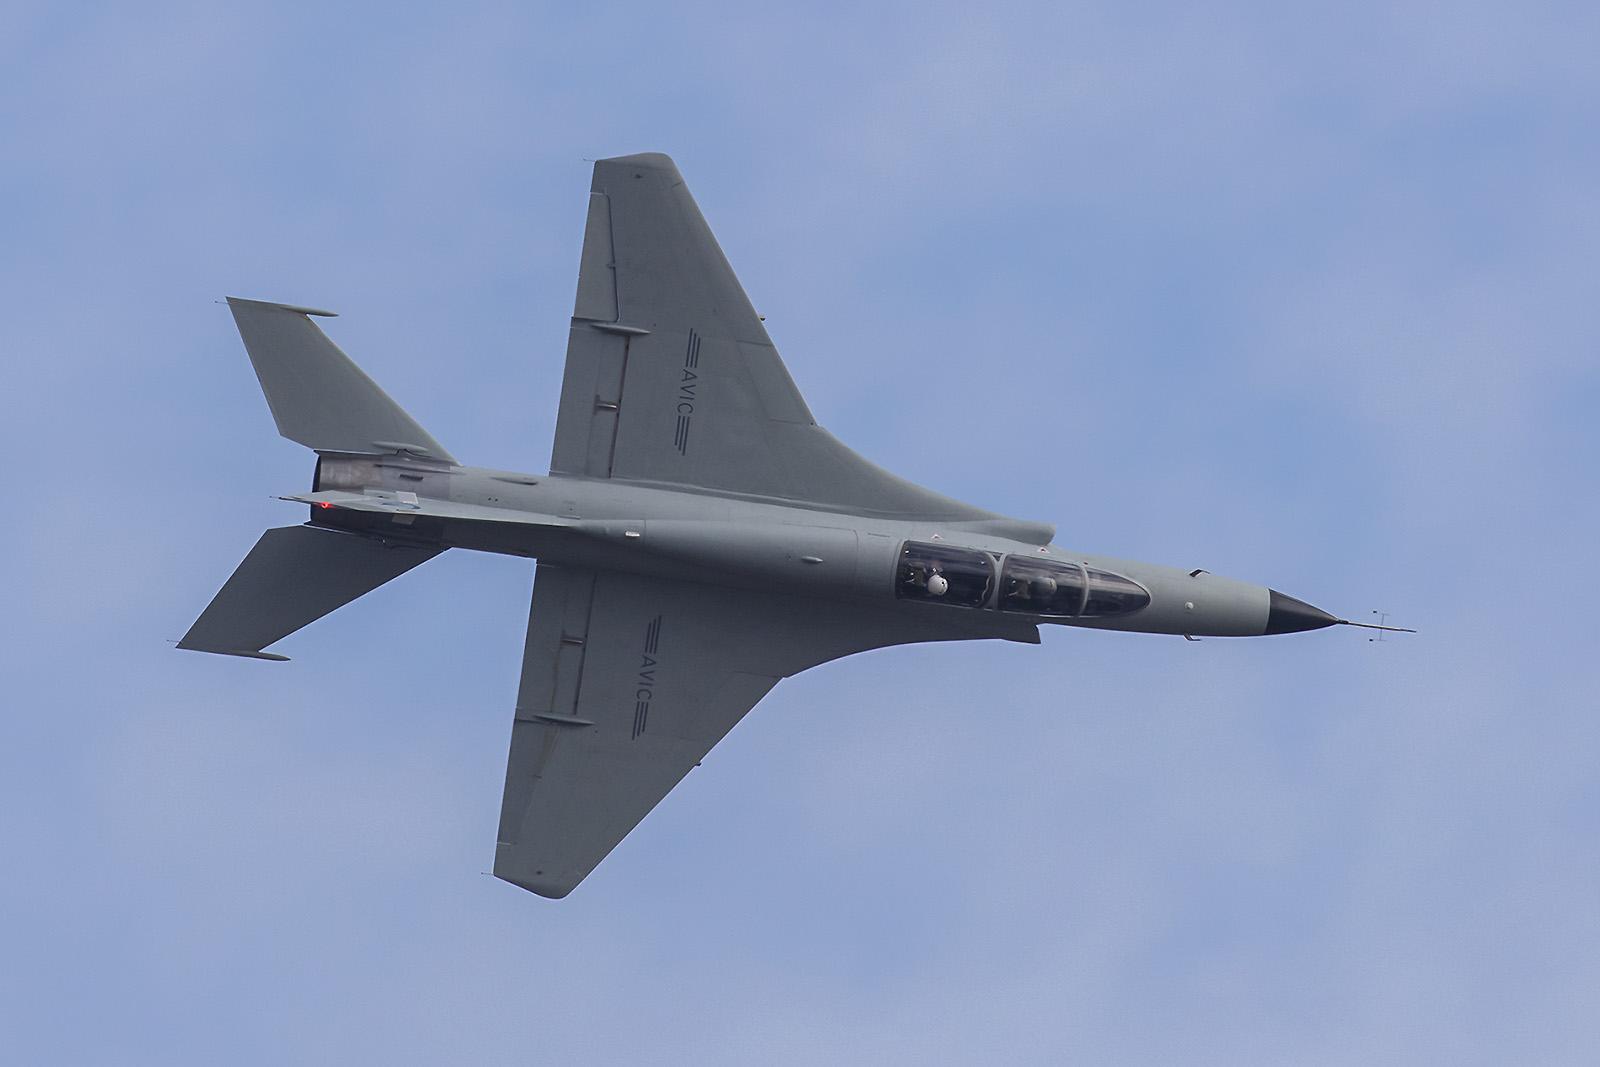 Hier wird der Unterschied zur MiG am deutlichsten.